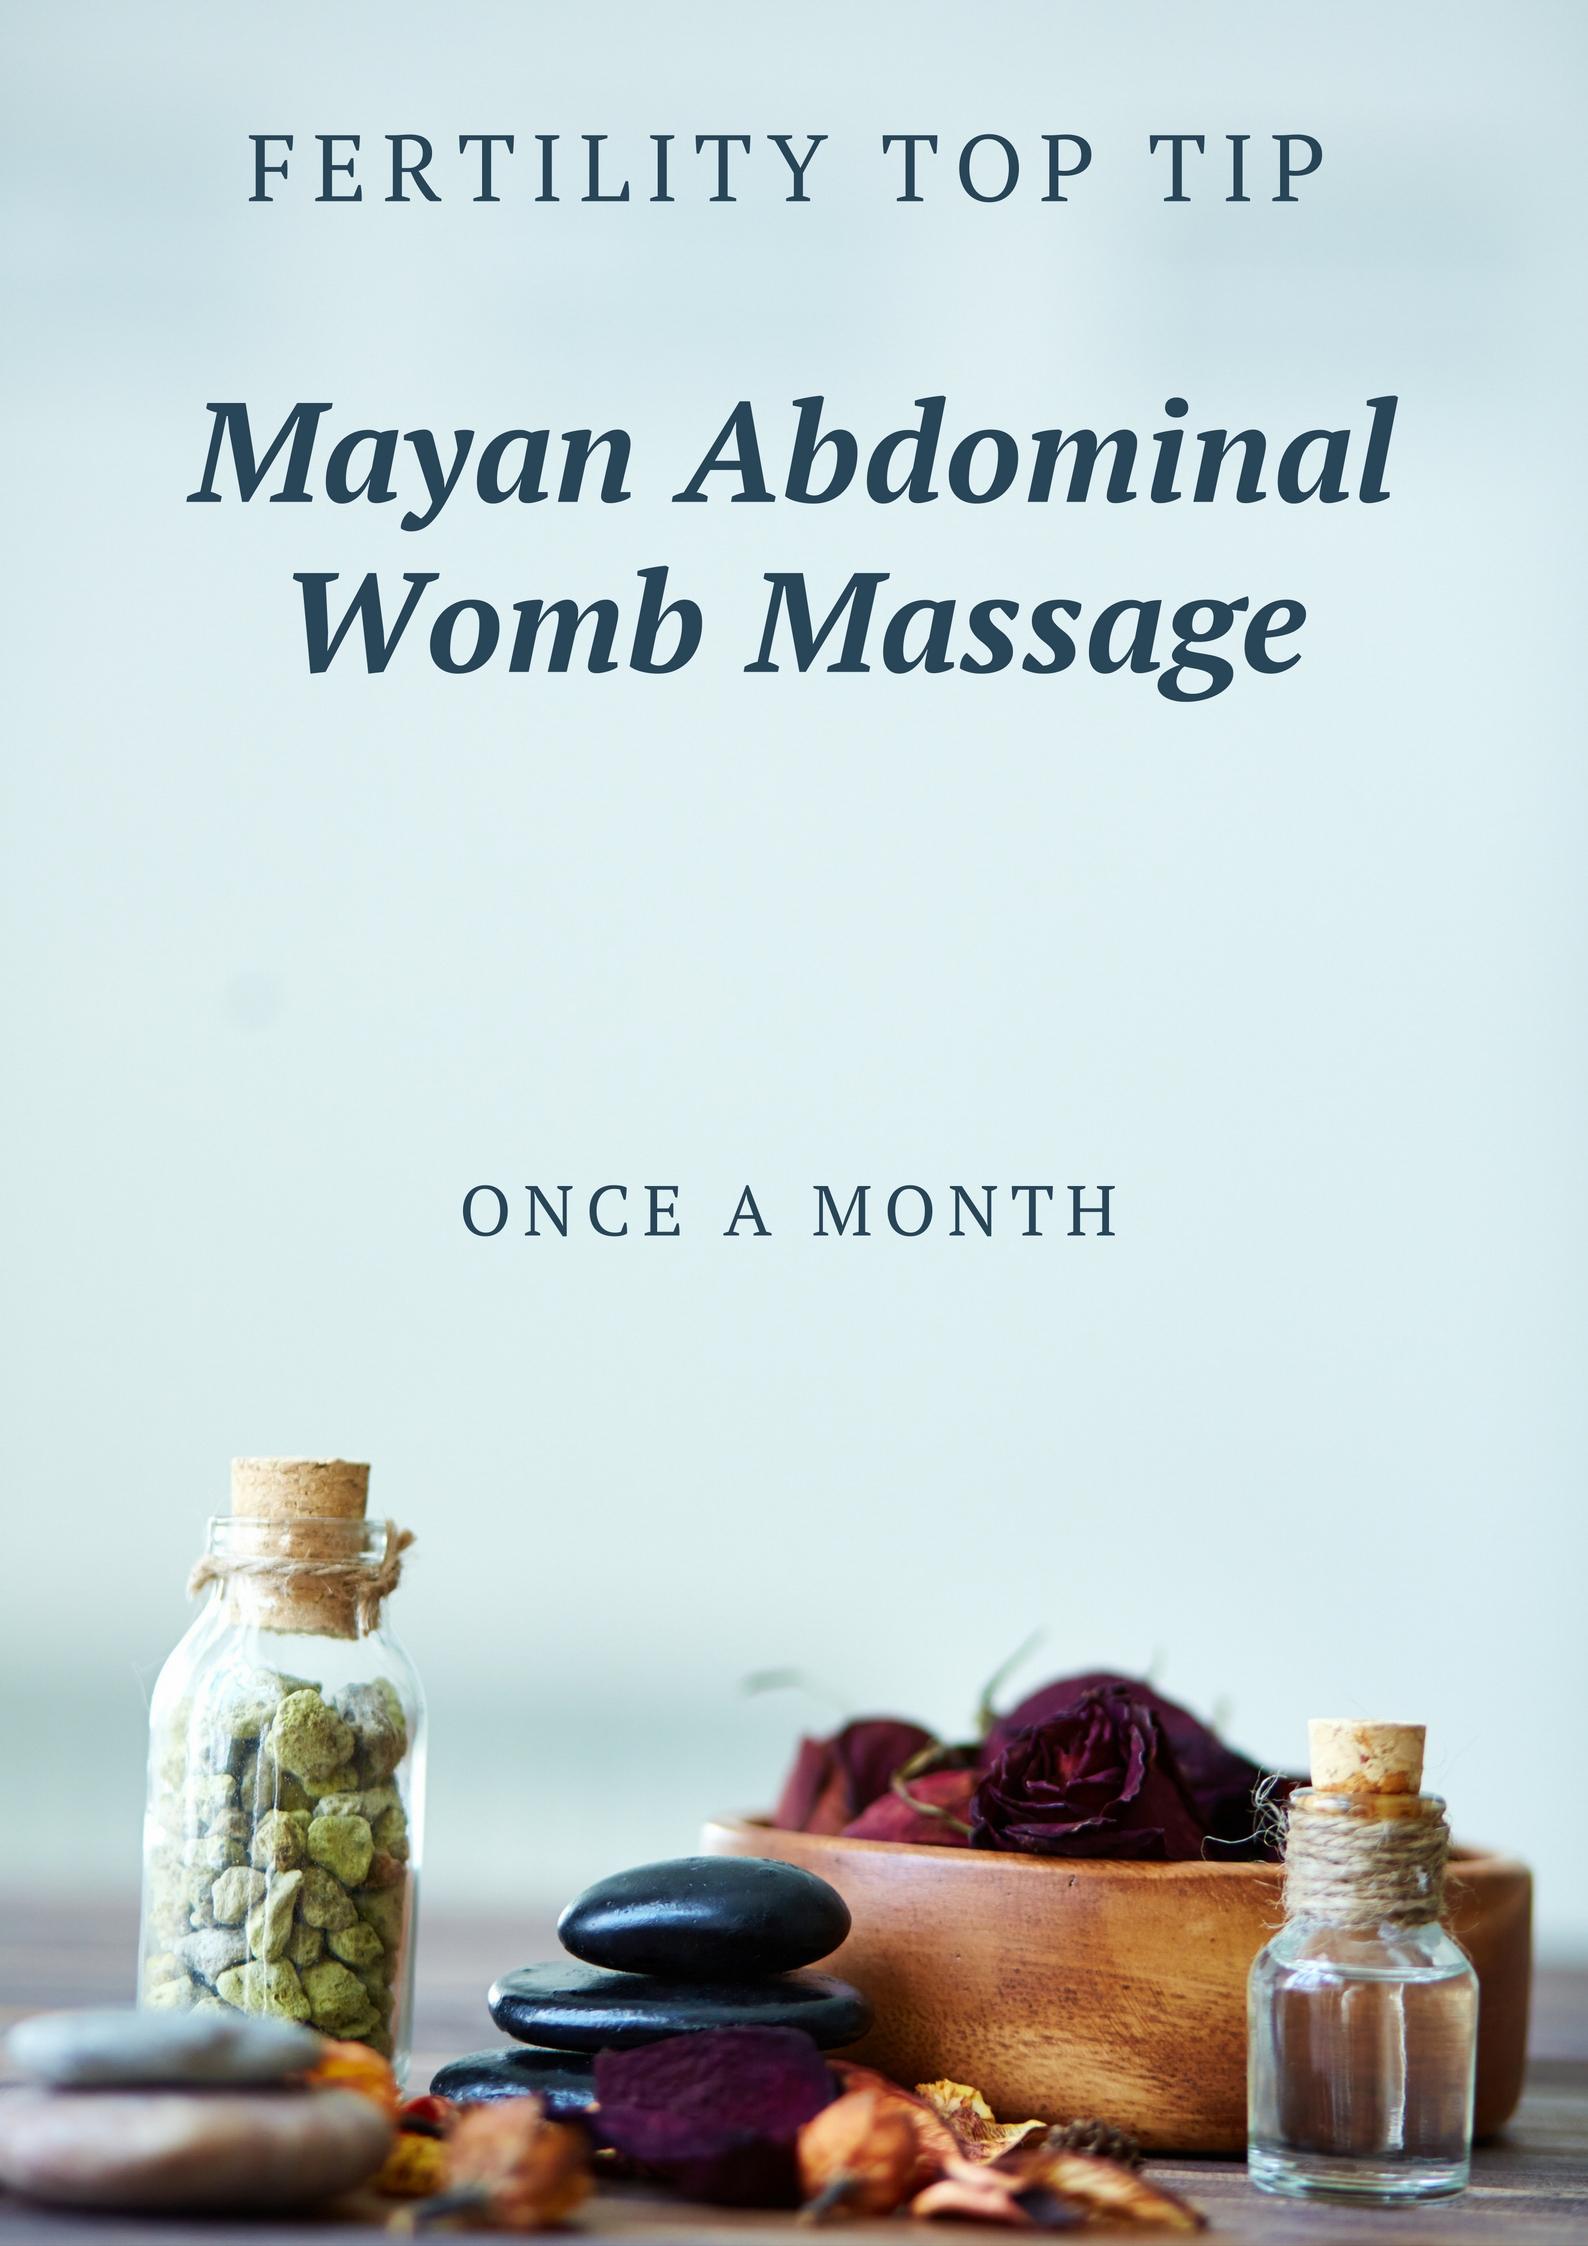 Mayan womb massage for fertility